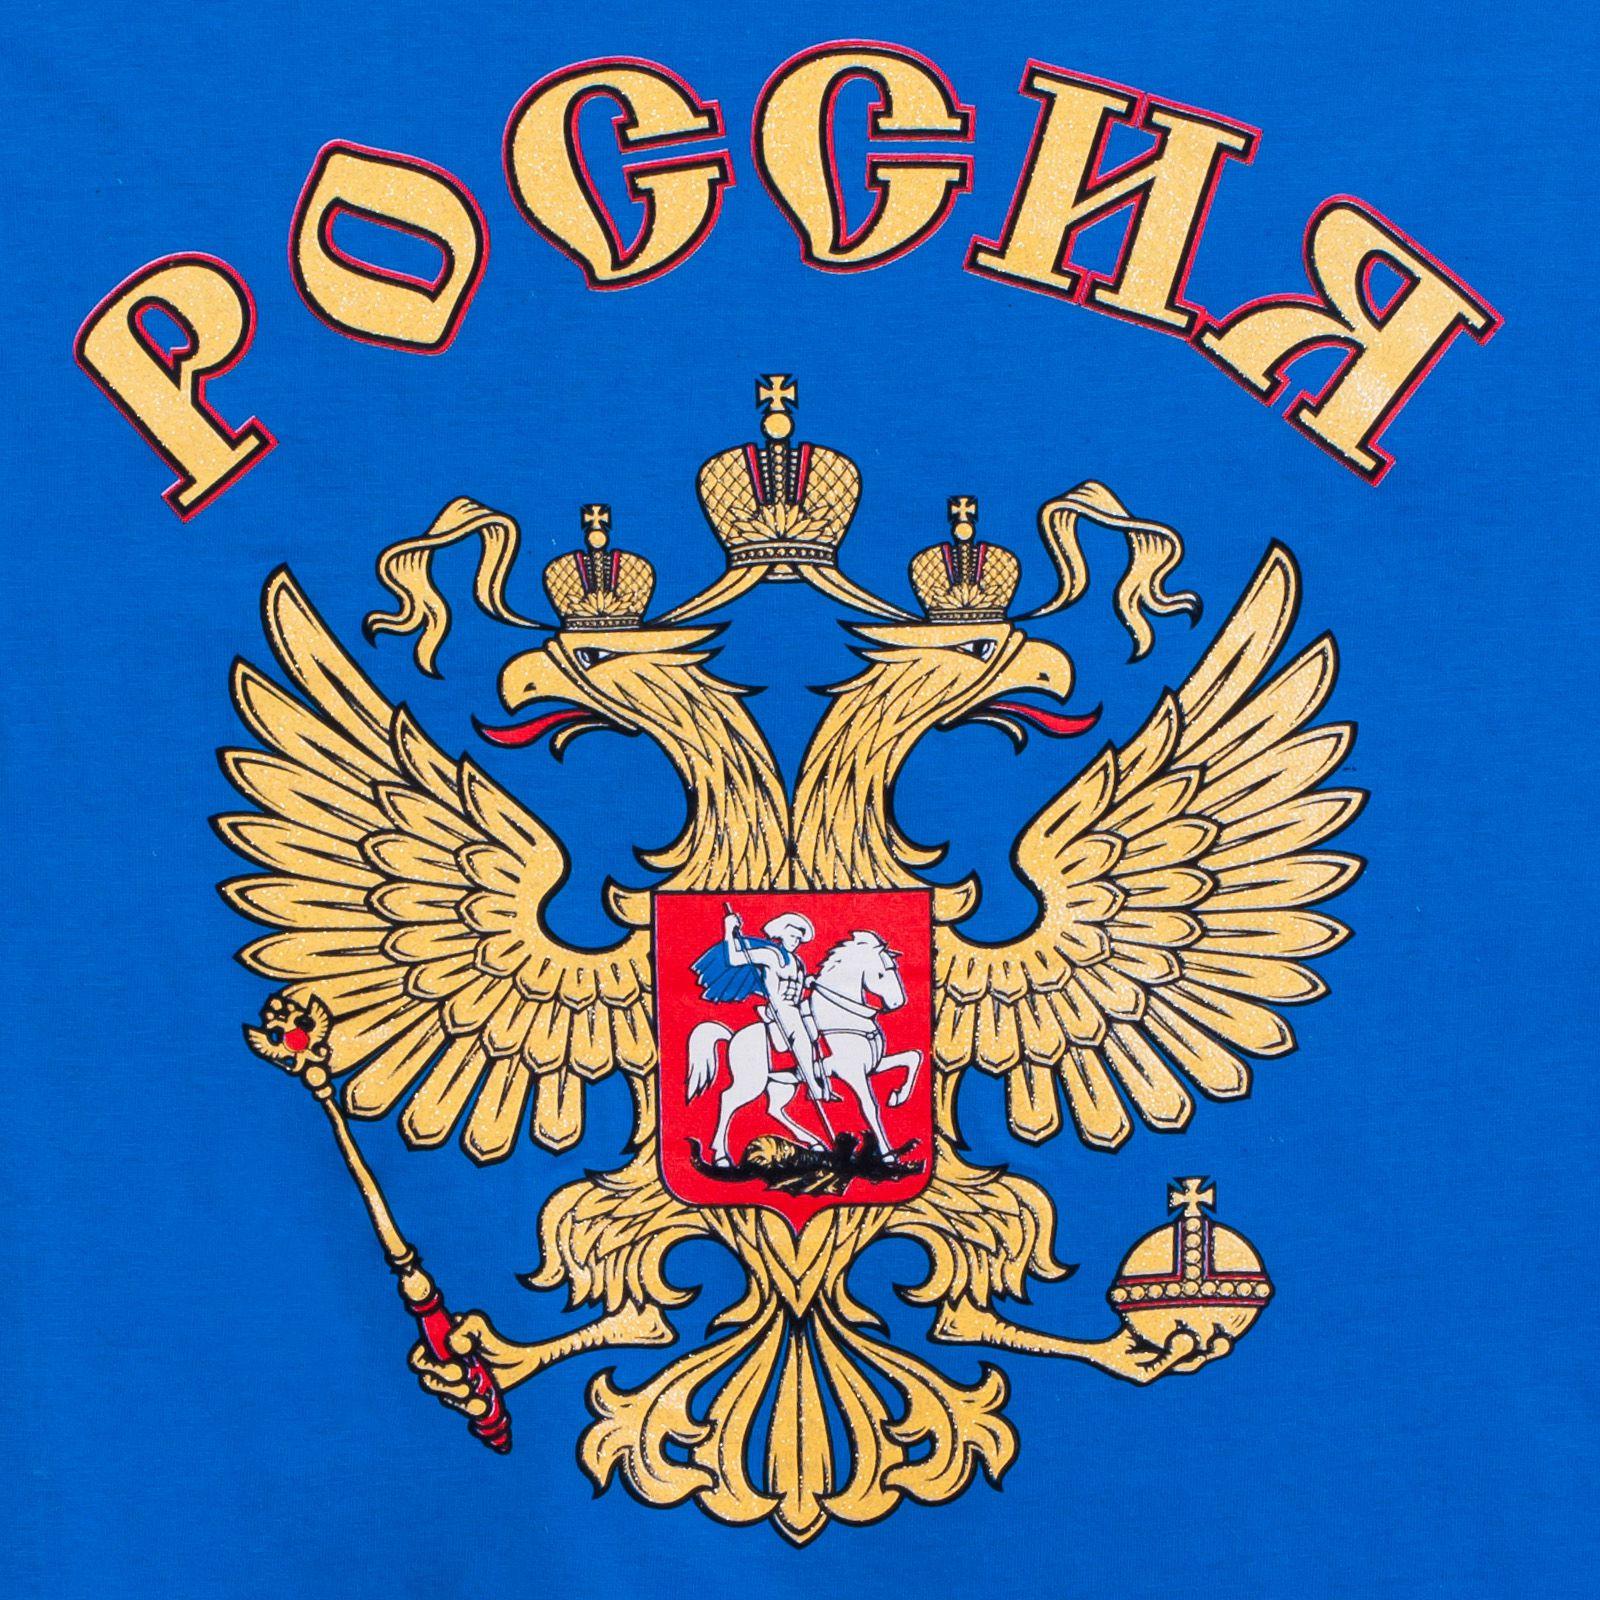 Футболка «Россия» с гербом России